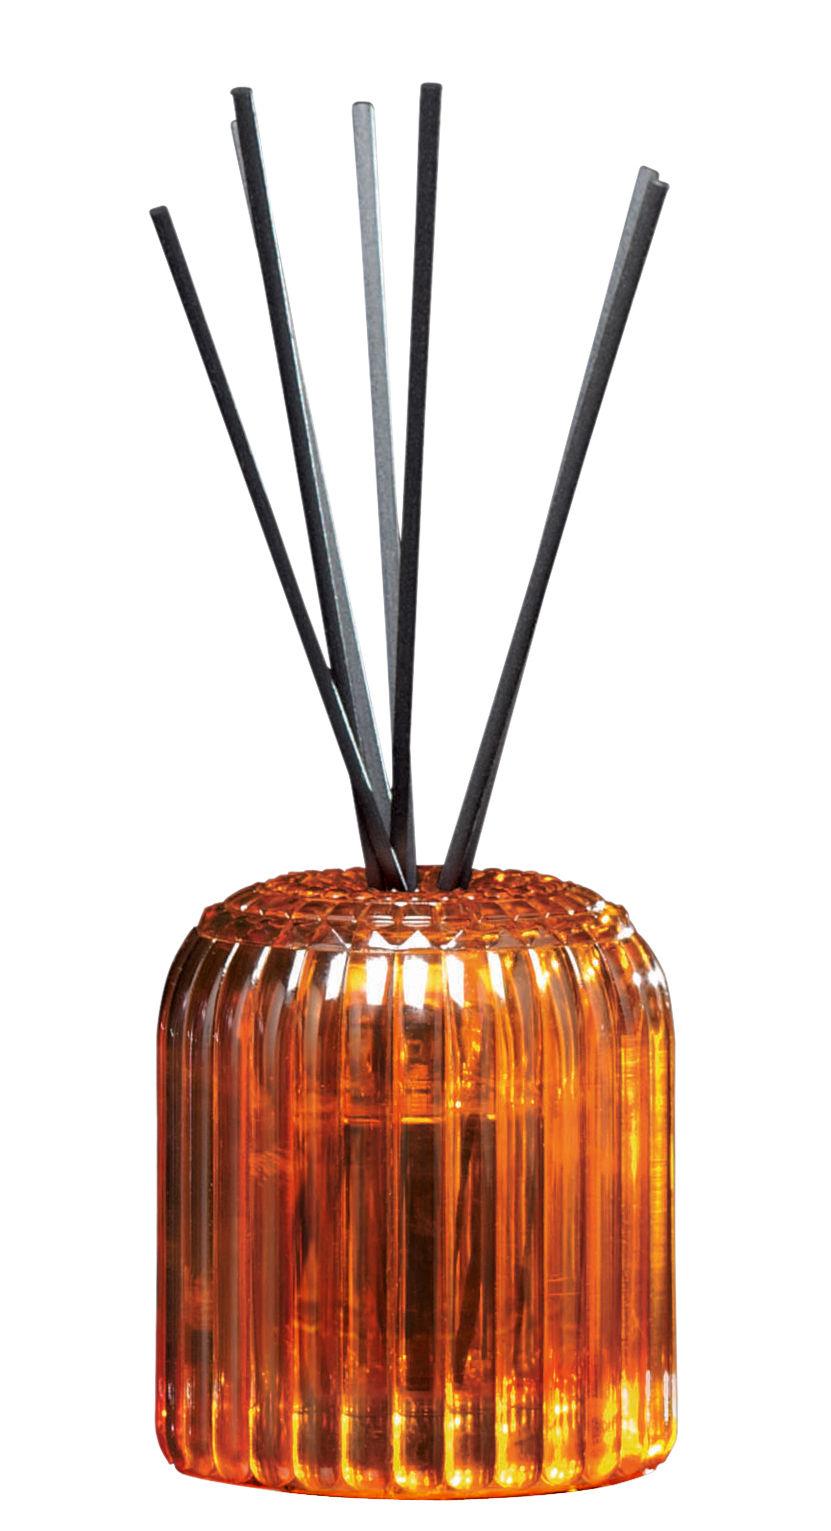 diffuseur de parfum cache cache kartell fragrances avec b tonnets ambre senteur 39 alhambra. Black Bedroom Furniture Sets. Home Design Ideas